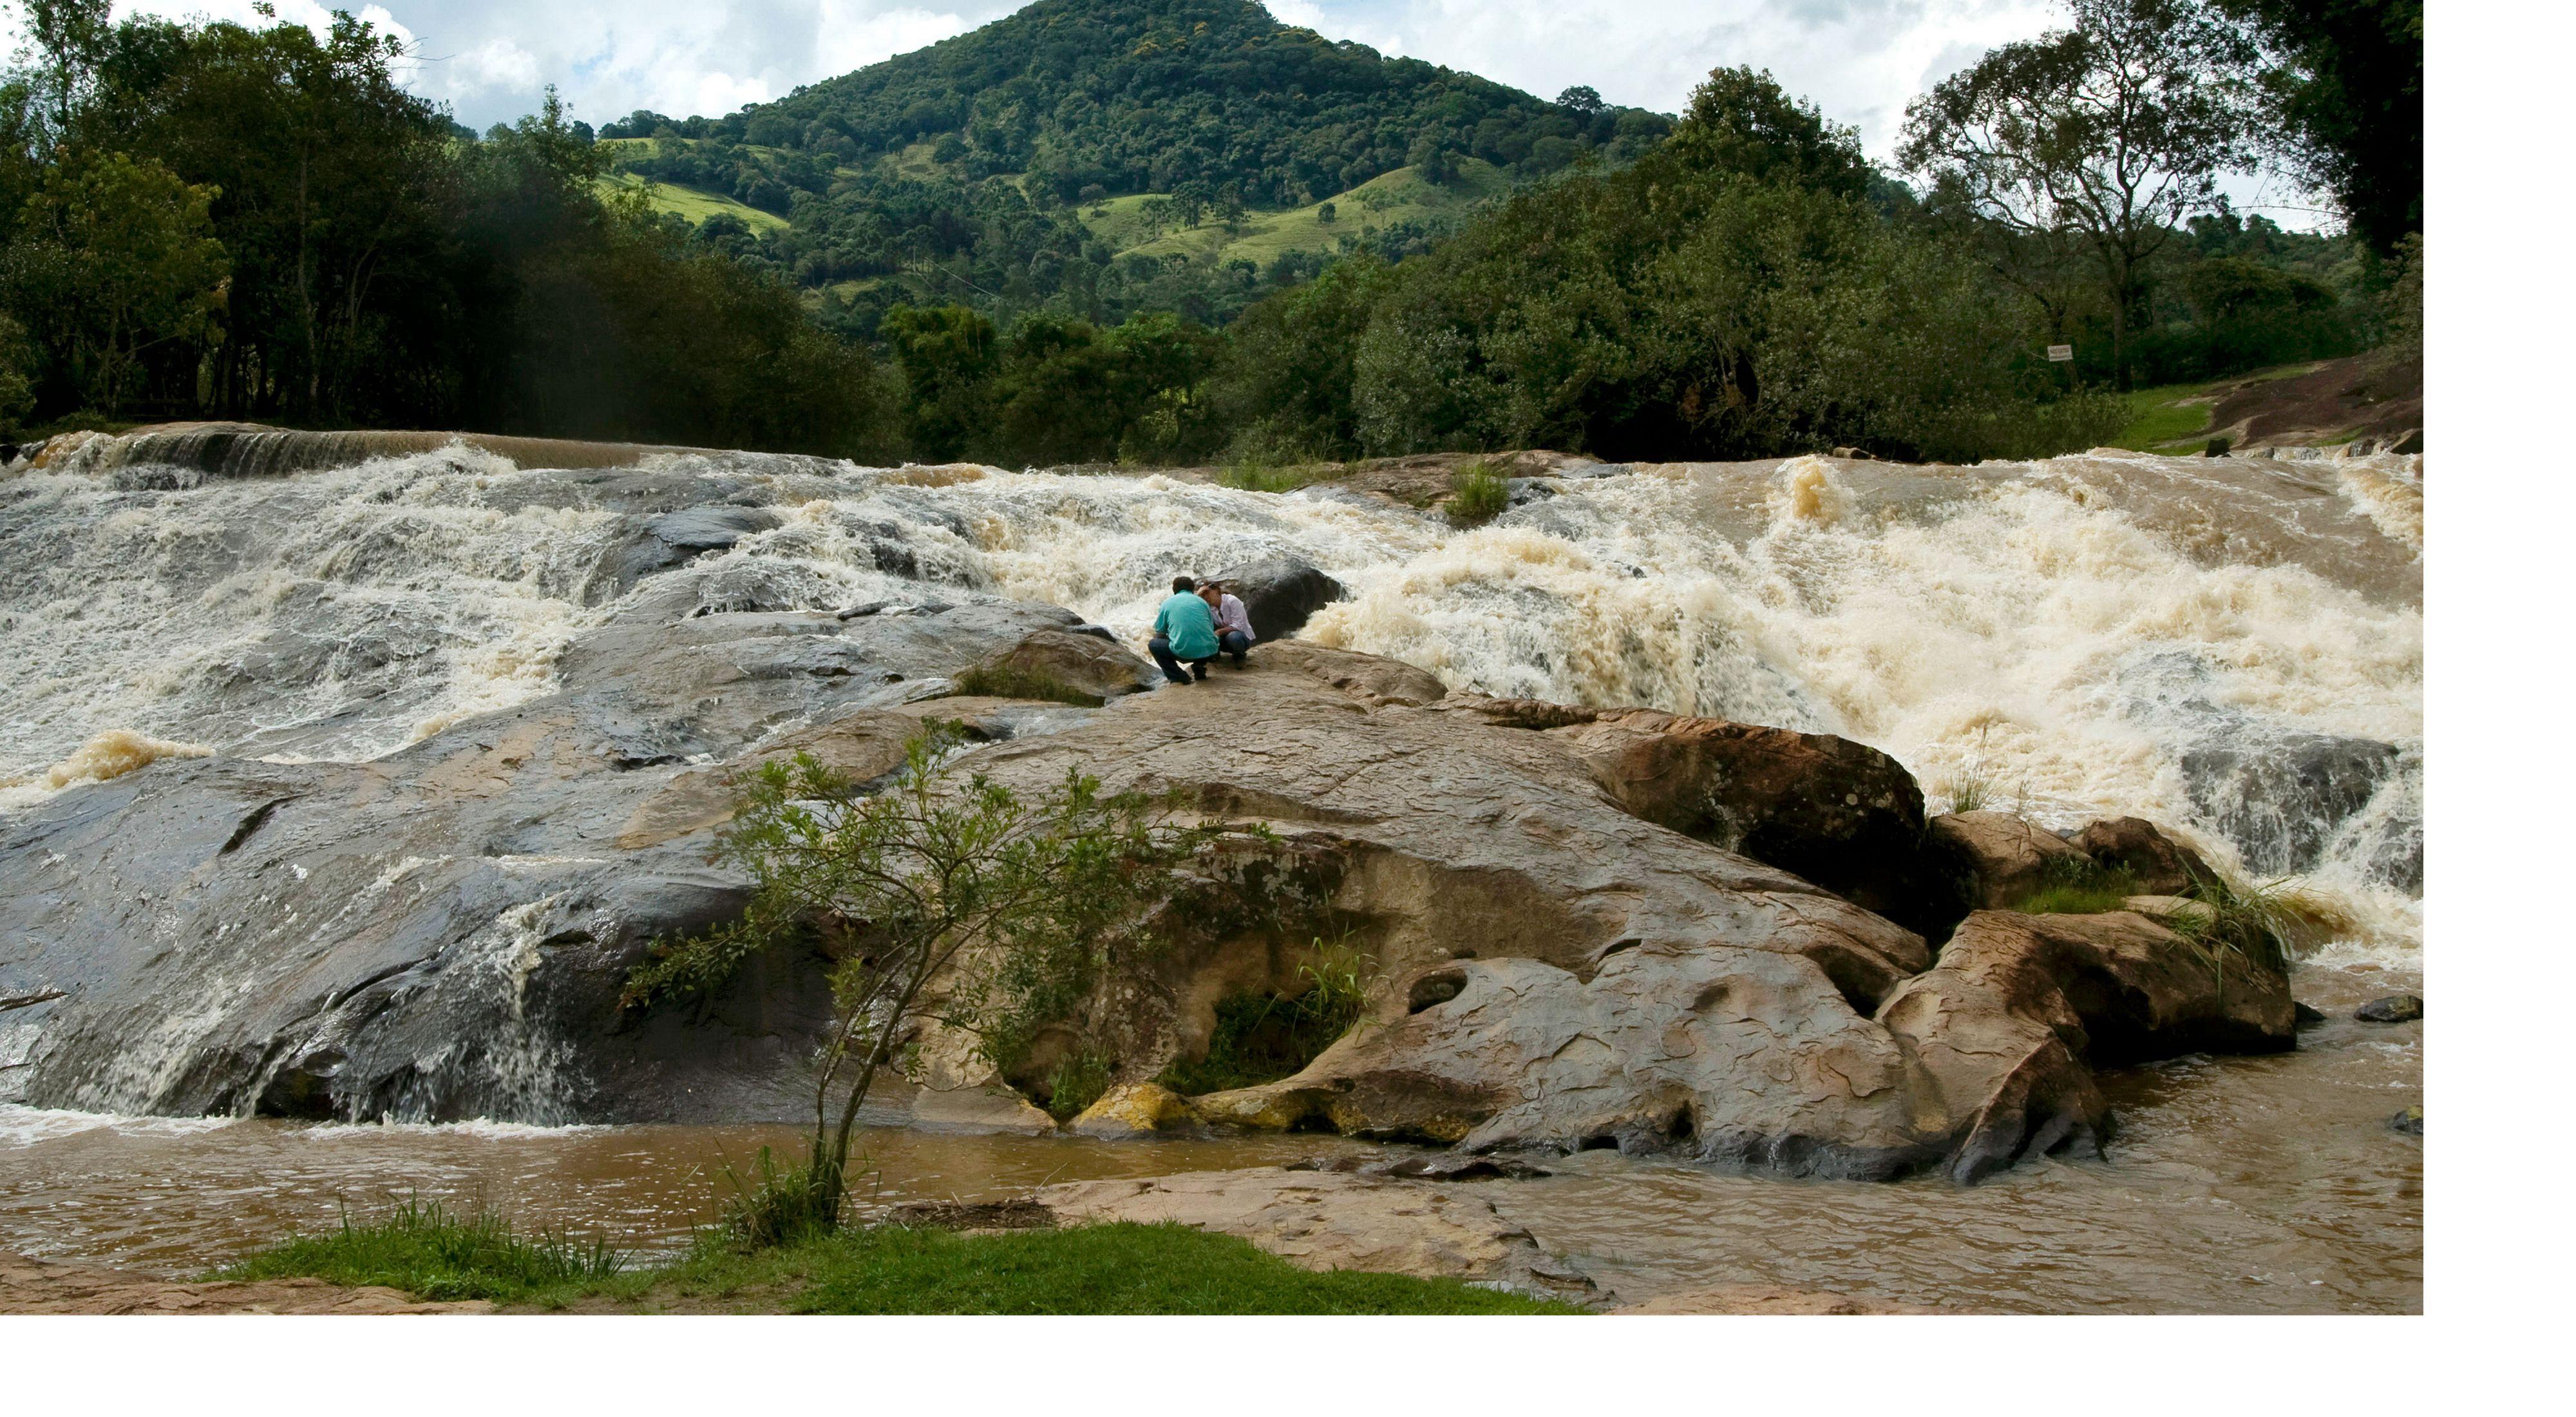 Equipe do projeto Produtor de Água no Parque Municipal da Cachoeira do Salto, no Rio Jaguari, em Extrema-MG.